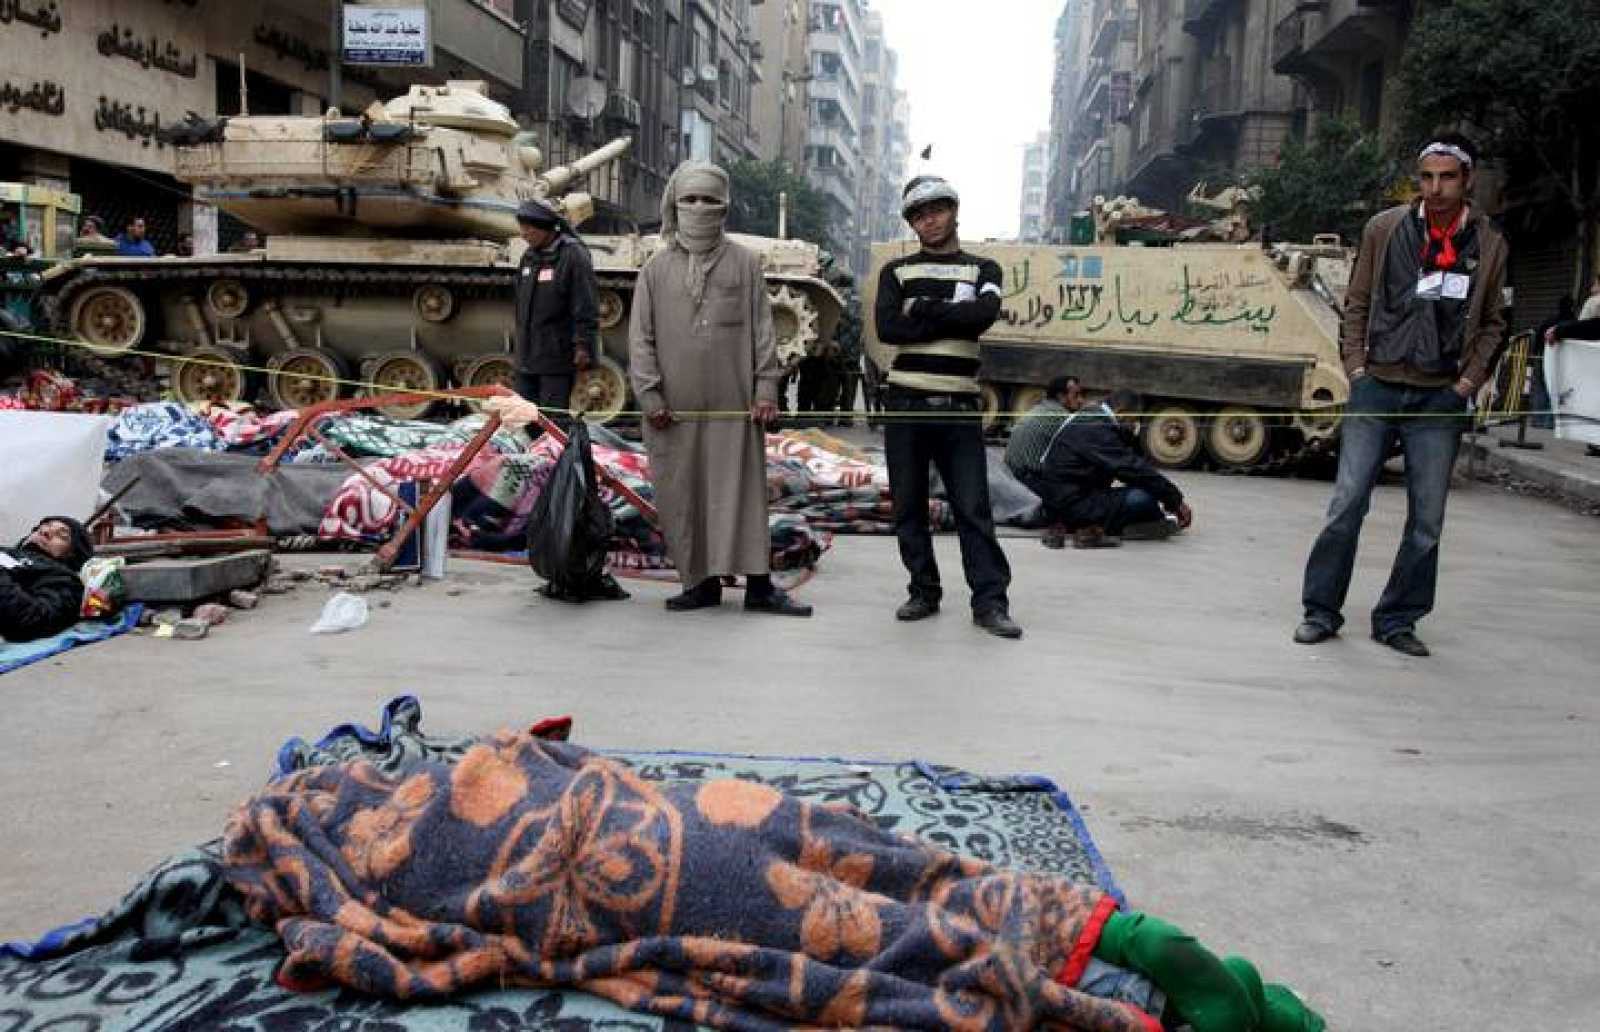 Manifestantes opositores al Gobierno permanecen en un puesto de control montado por civiles cerca de un tanque del ejército mientras otras personas duermen en una calle que conduce a la plaza Tahrir en El Cairo